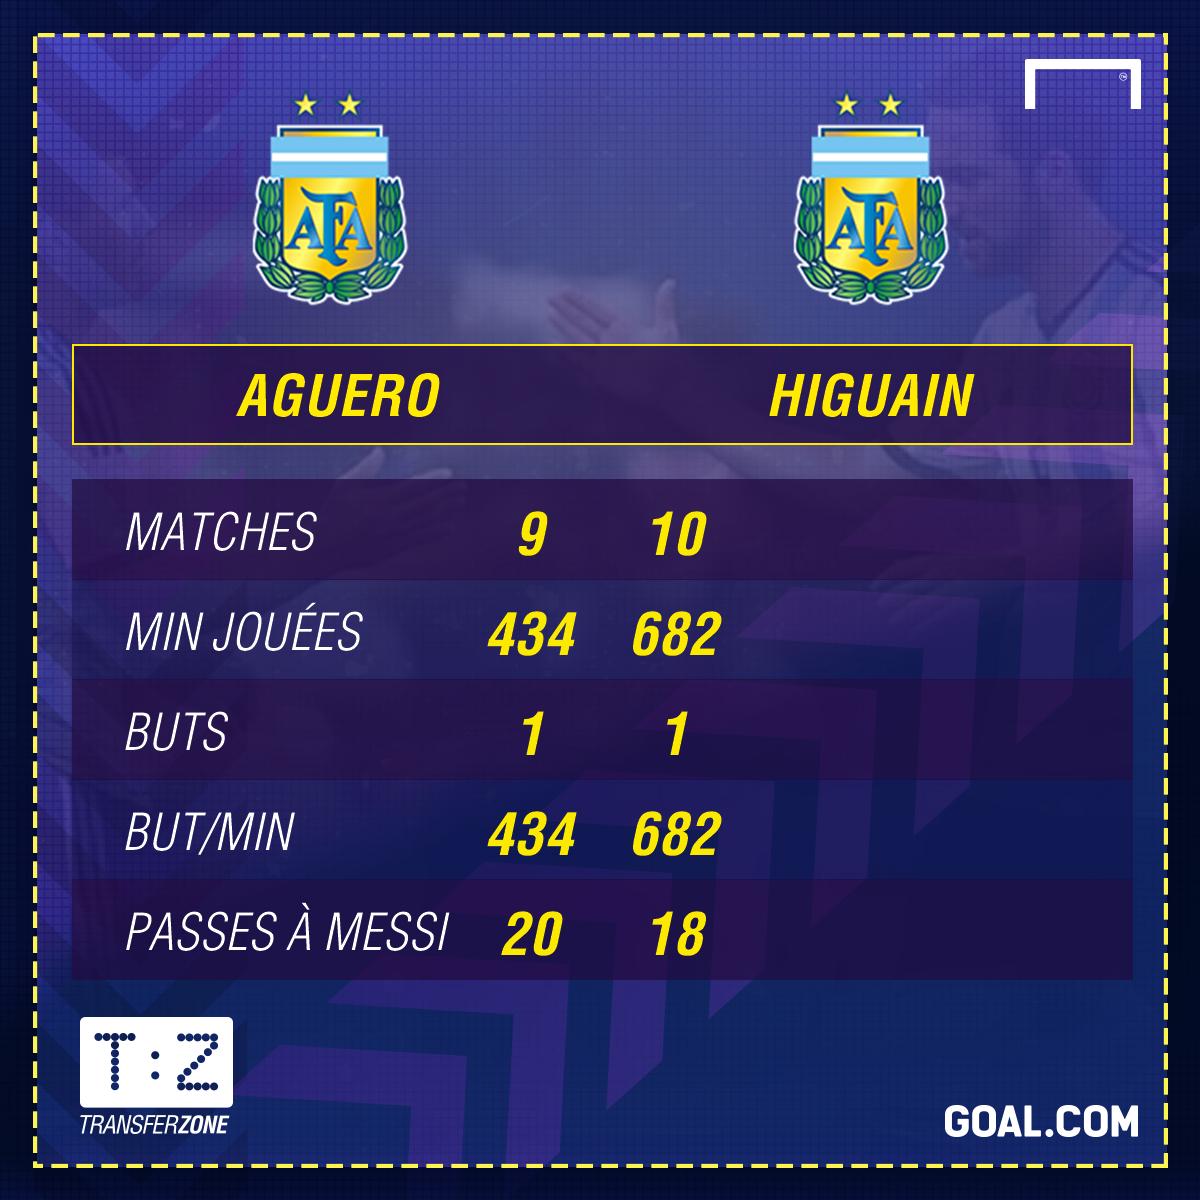 Aguero vs Higuain